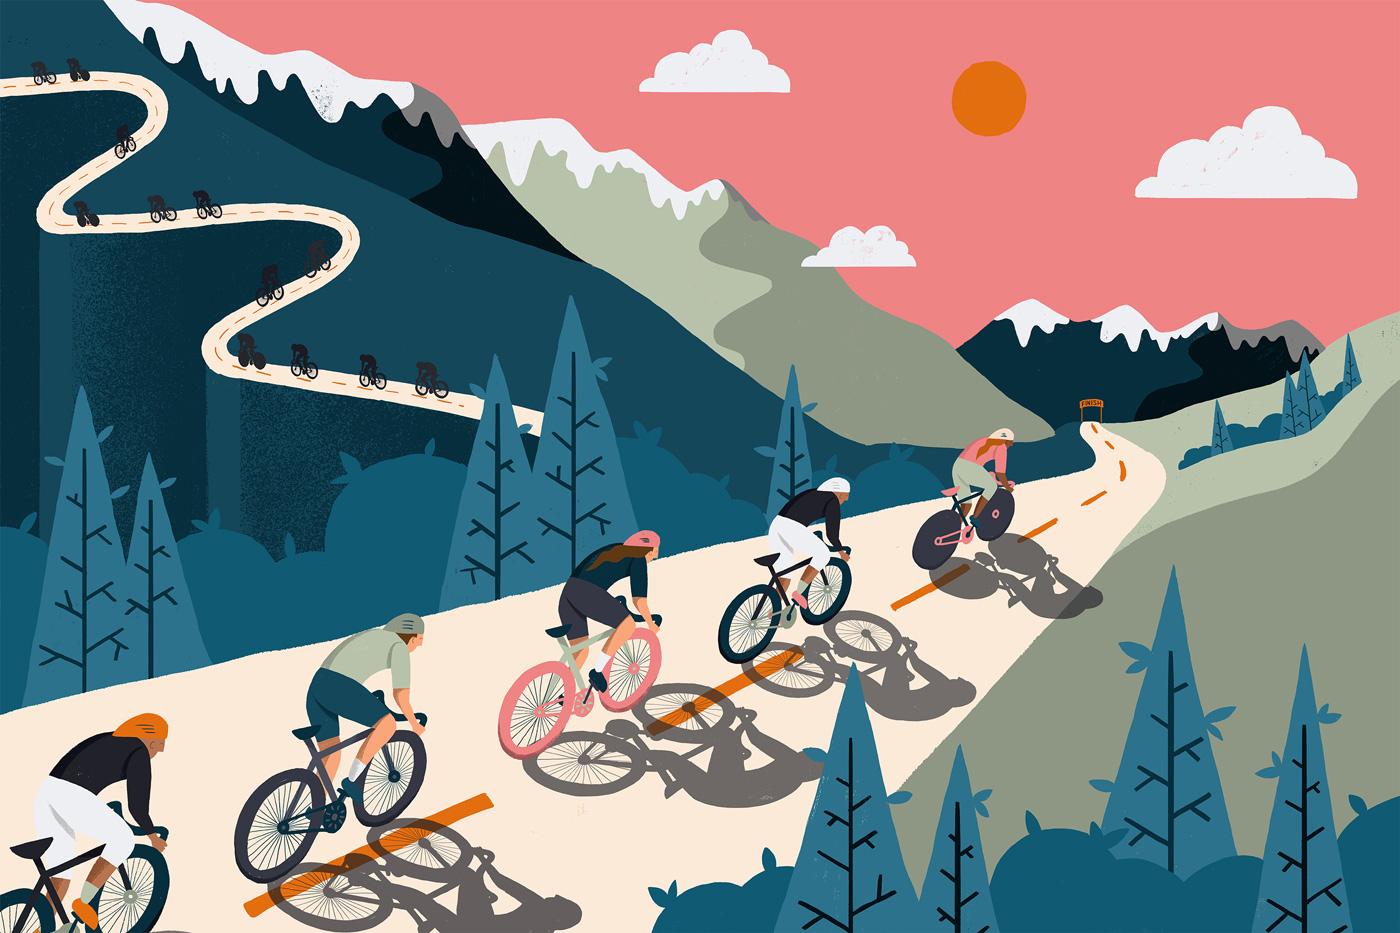 BICYCLE RACE MURAL WALLPAPER